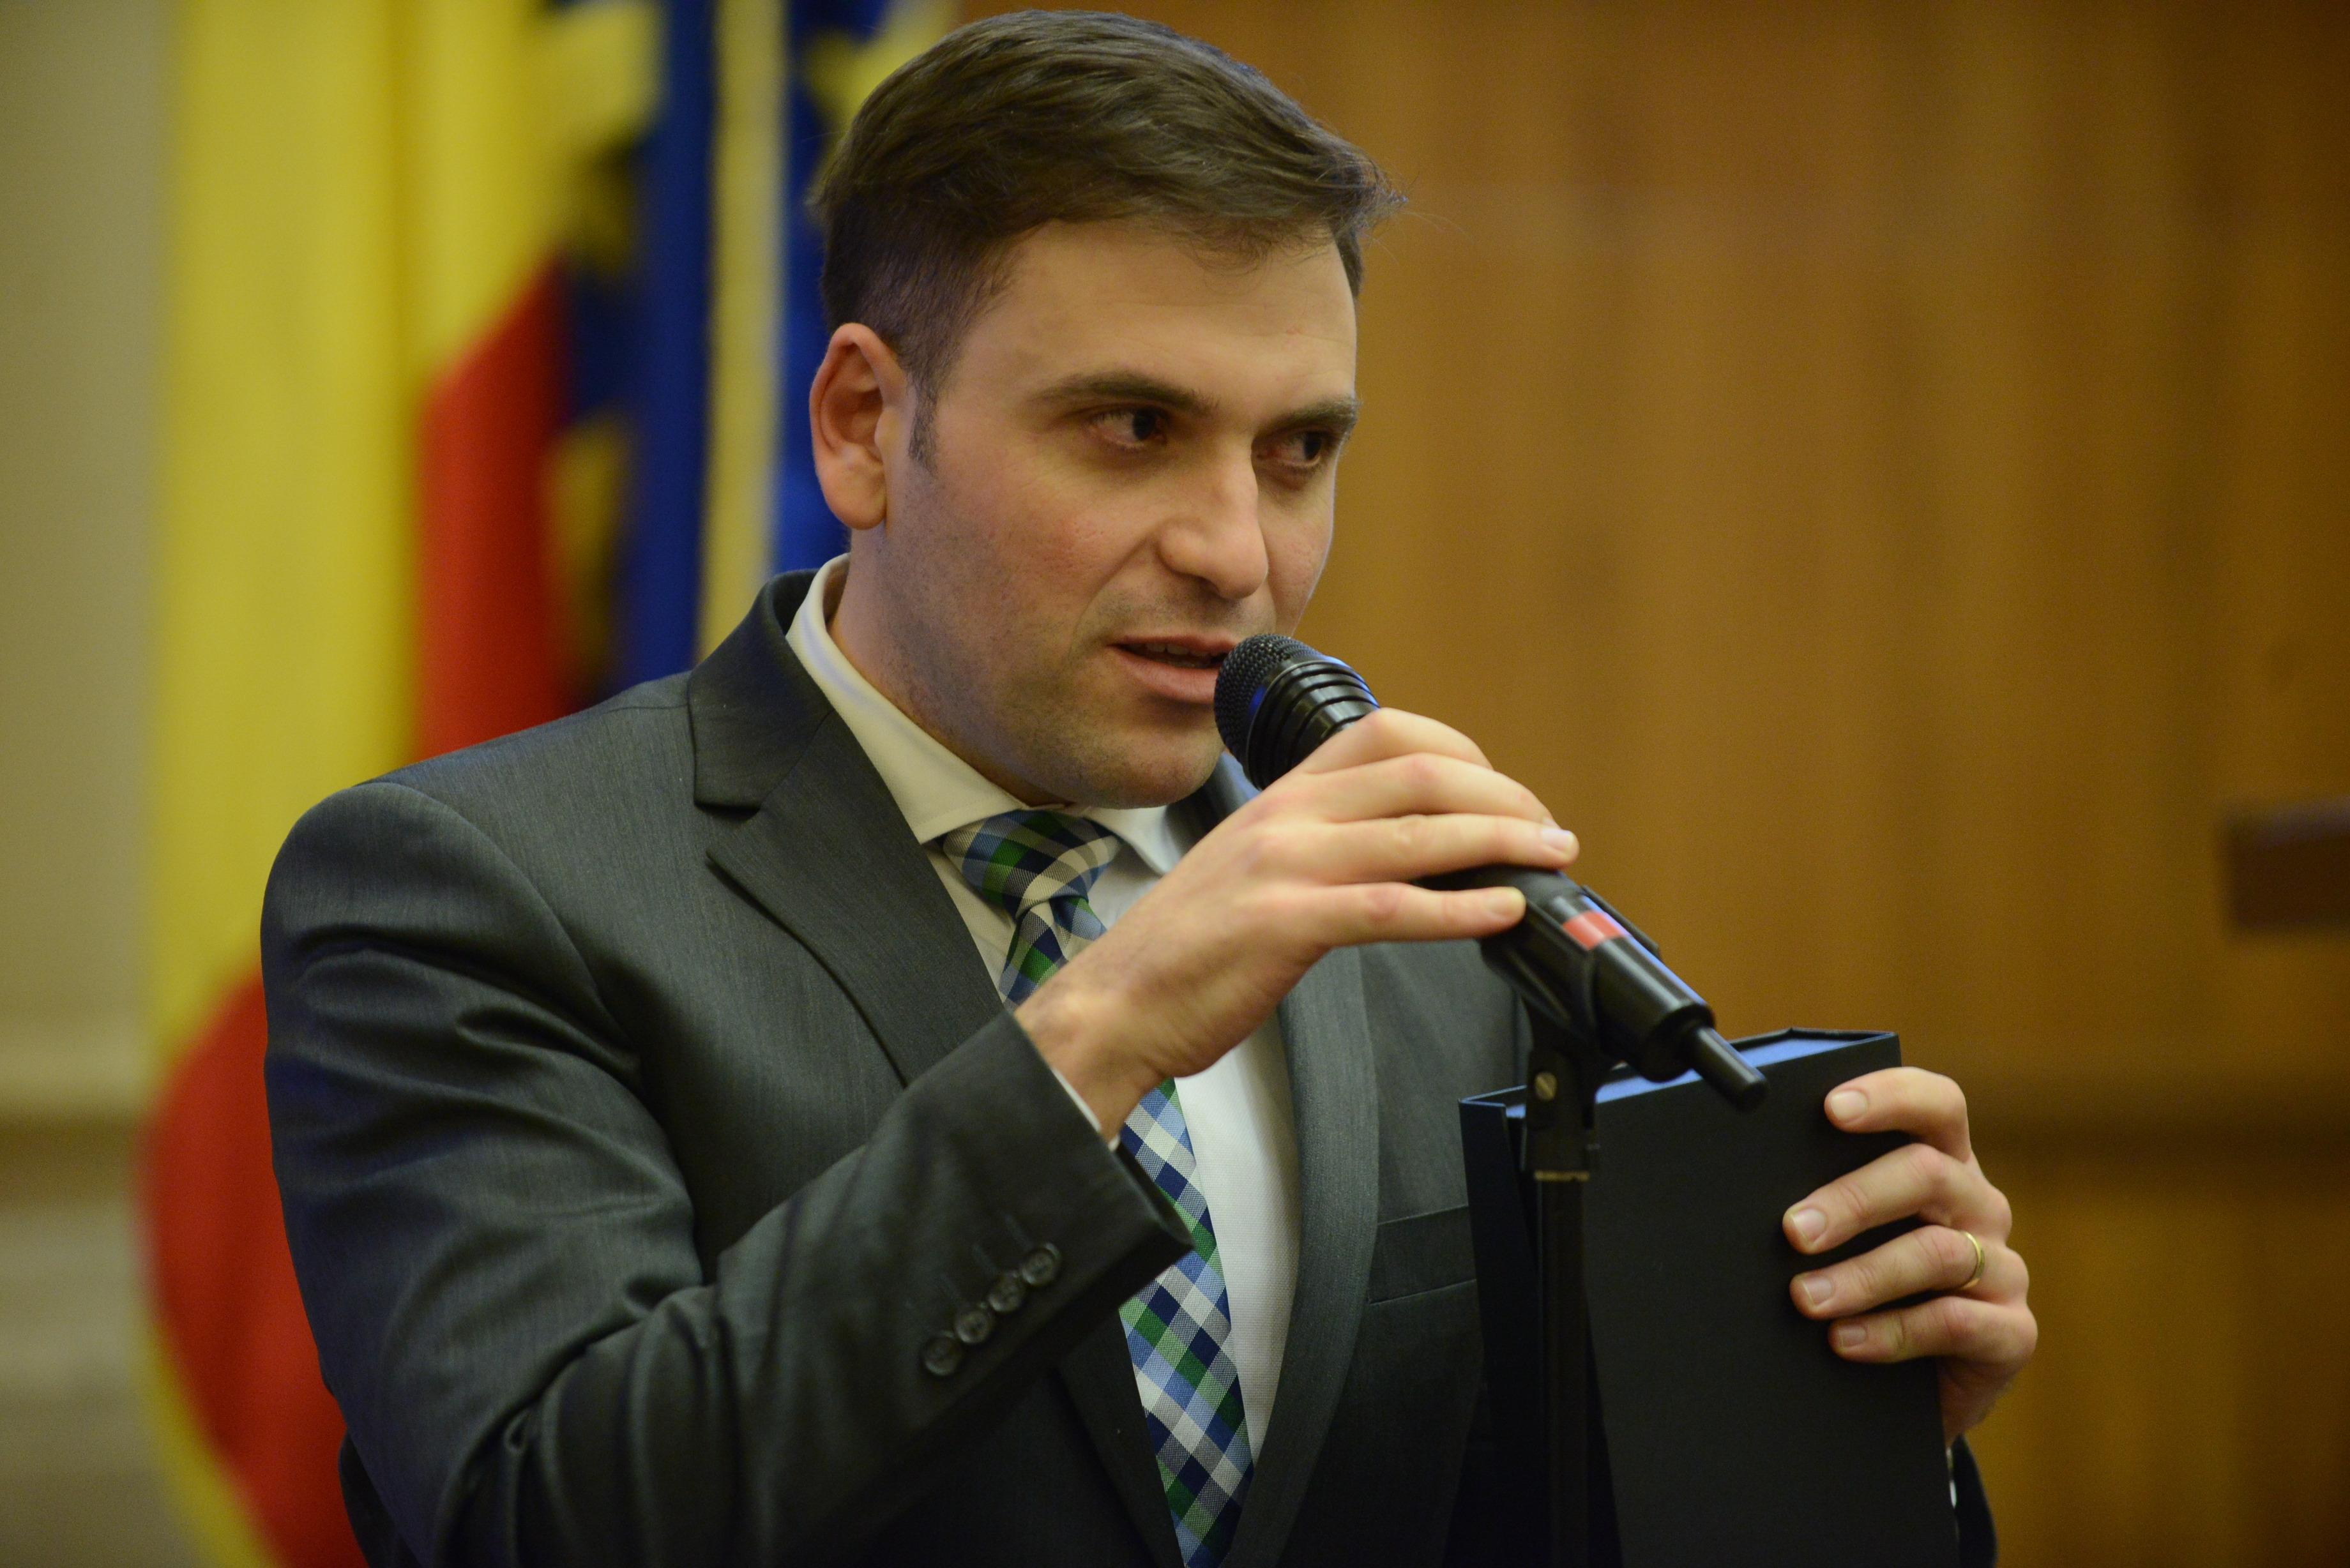 Mihai Măcelaru devine partener asociat în cadrul firmei de avocatură Noerr